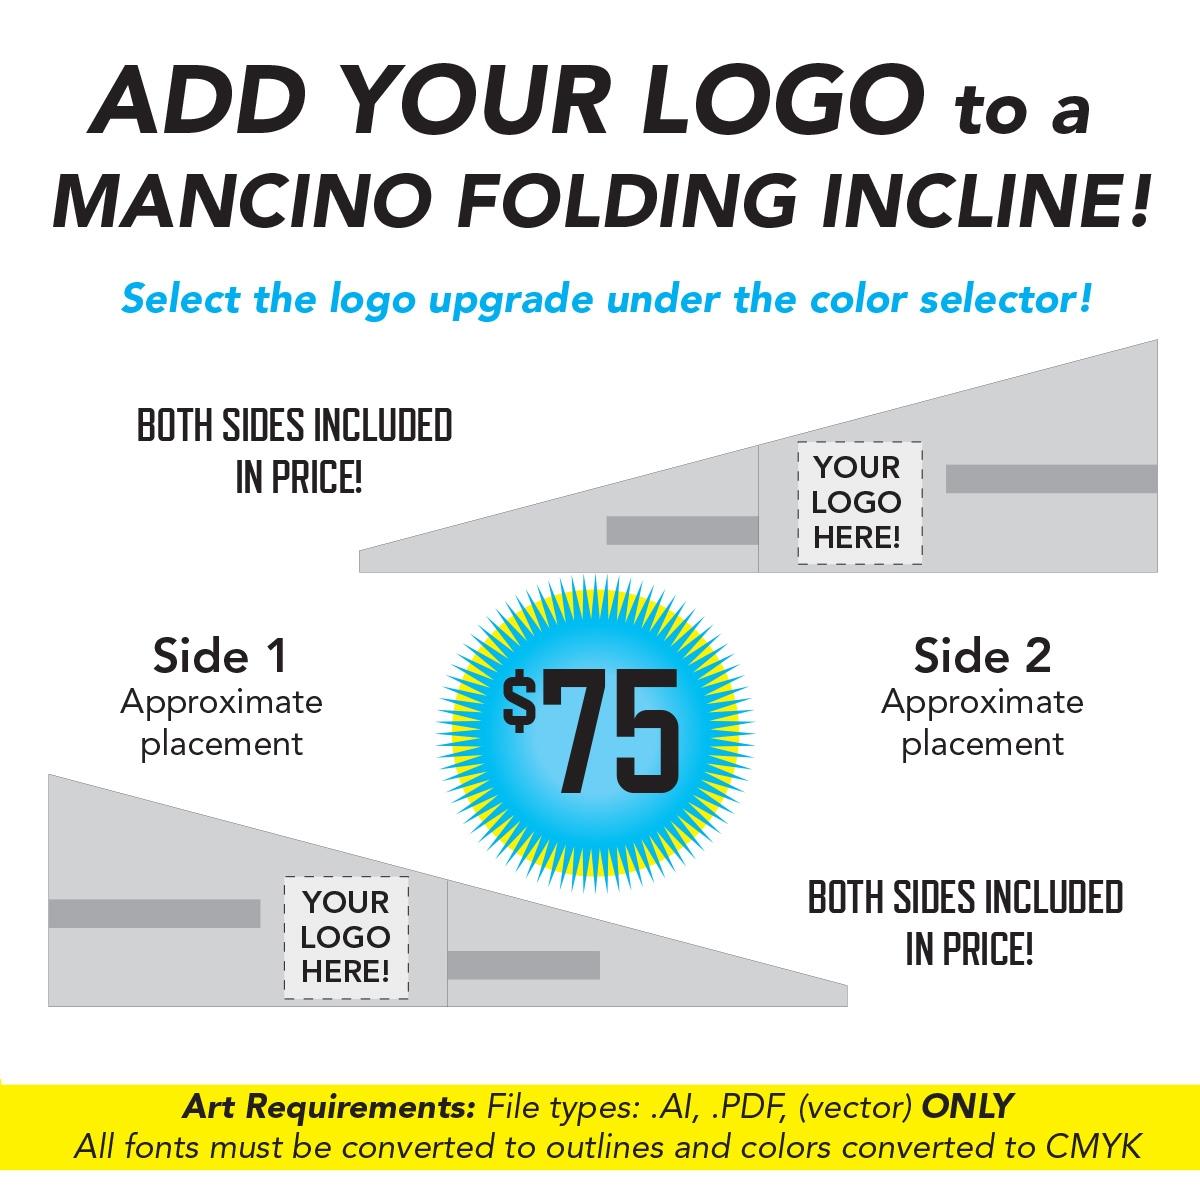 add your logo to a mancino incline mat - mancino mats - folding incline cheese wedge mats